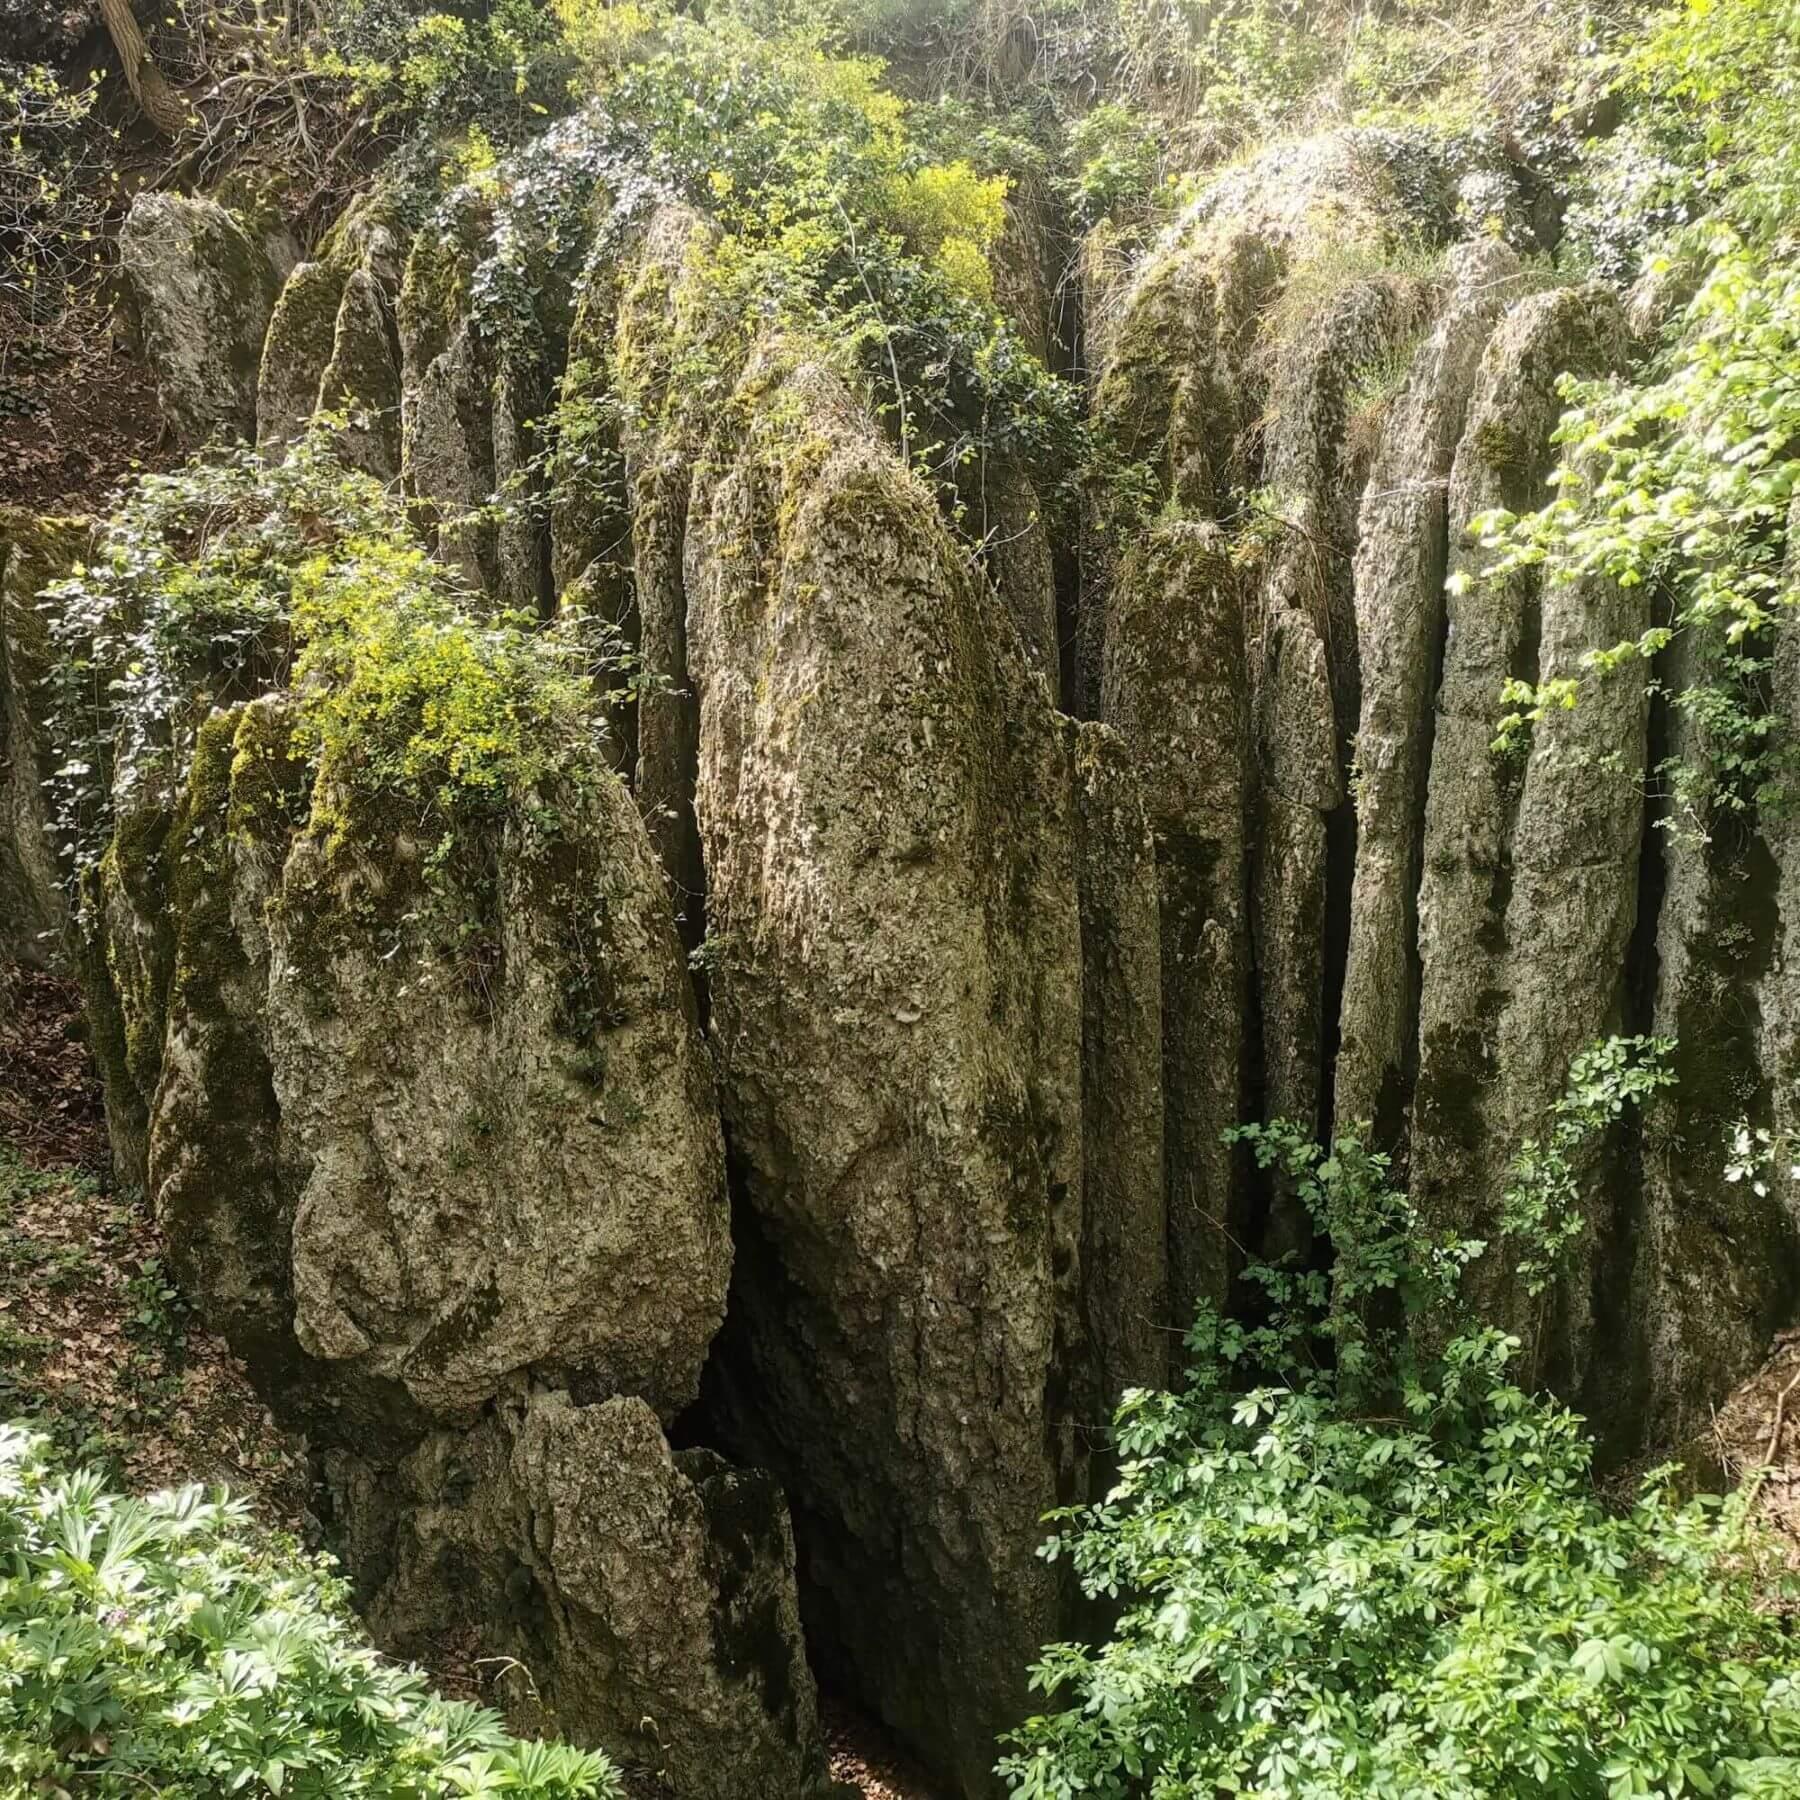 Grotta Buco delle Candele. Croara, San Lazzaro di Savena, Bologna